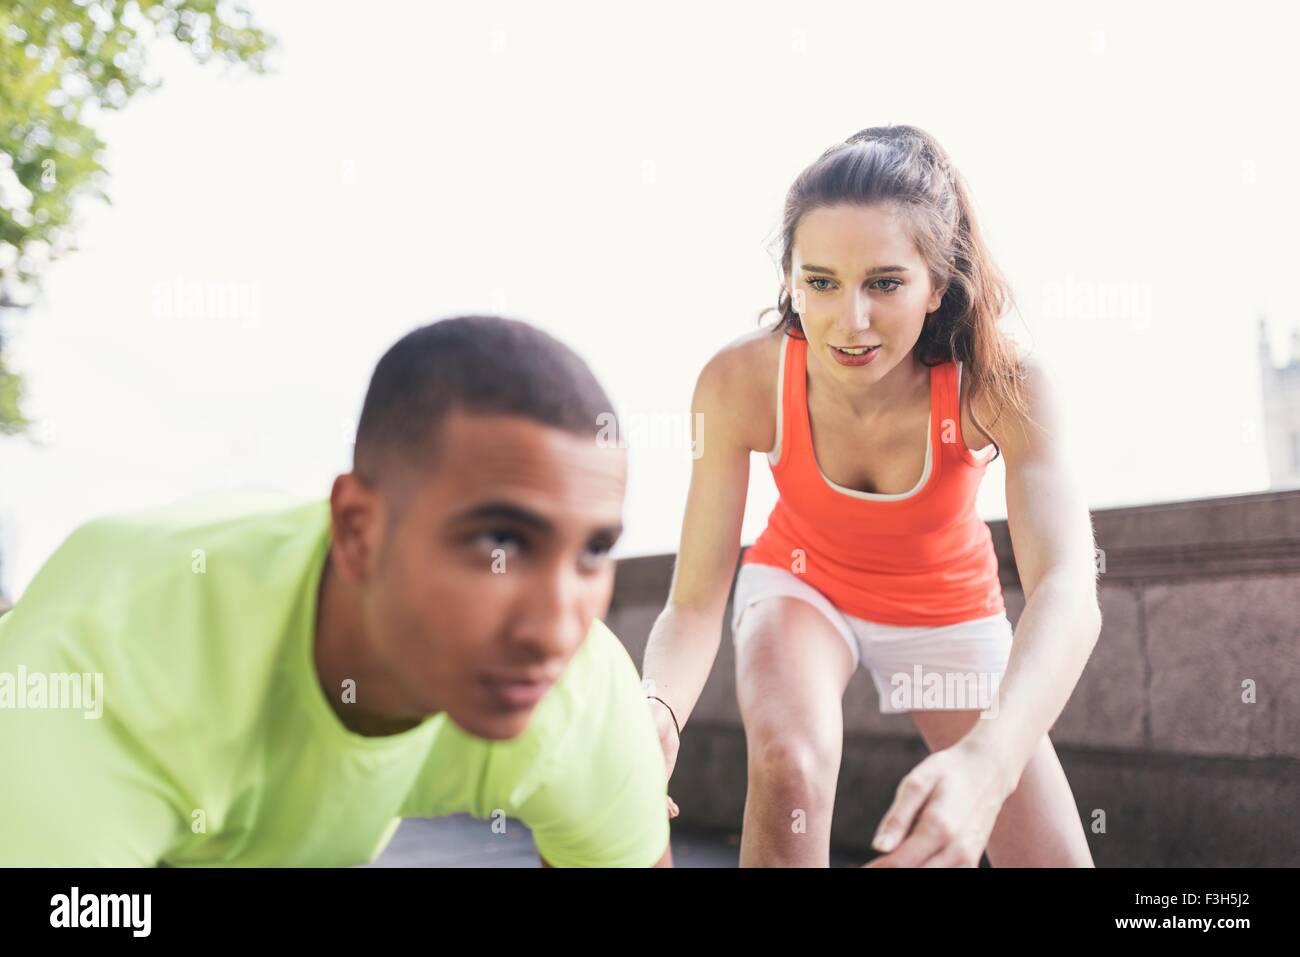 Giovani femmine trainer pratica inizia con maschio runner Immagini Stock